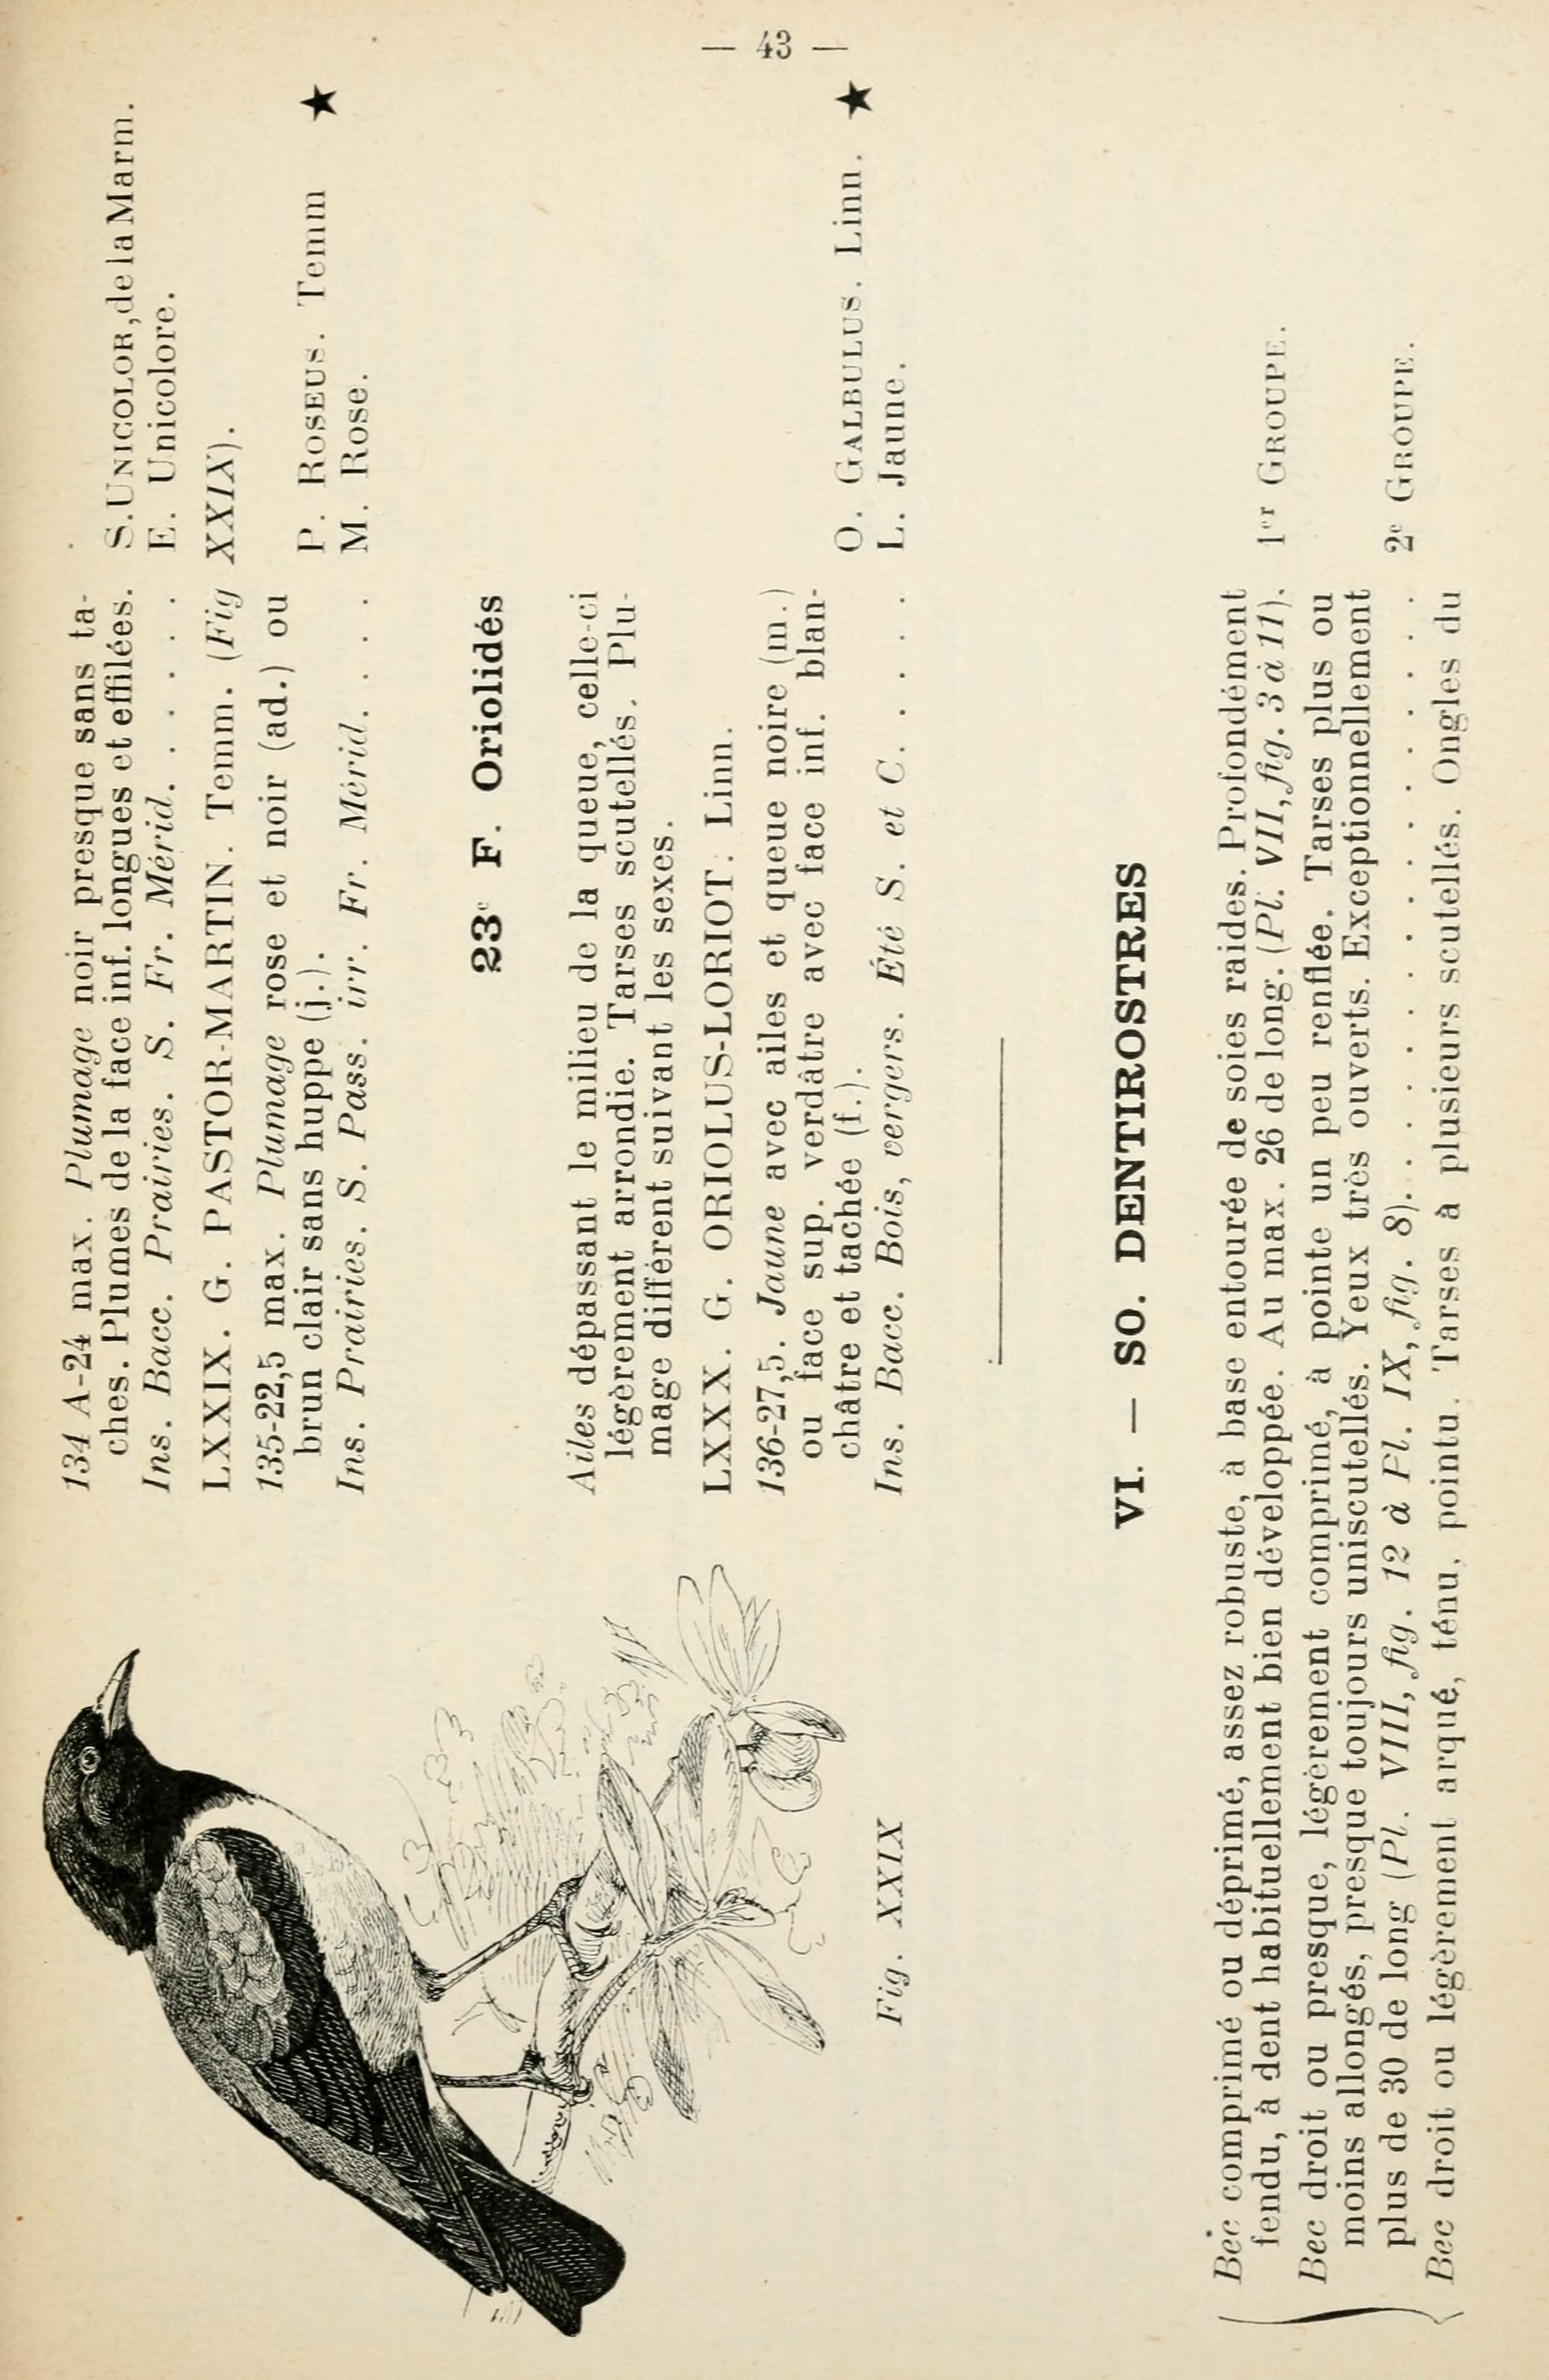 Fileles Oiseaux Deurope Page 43 Bhl7581994jpg